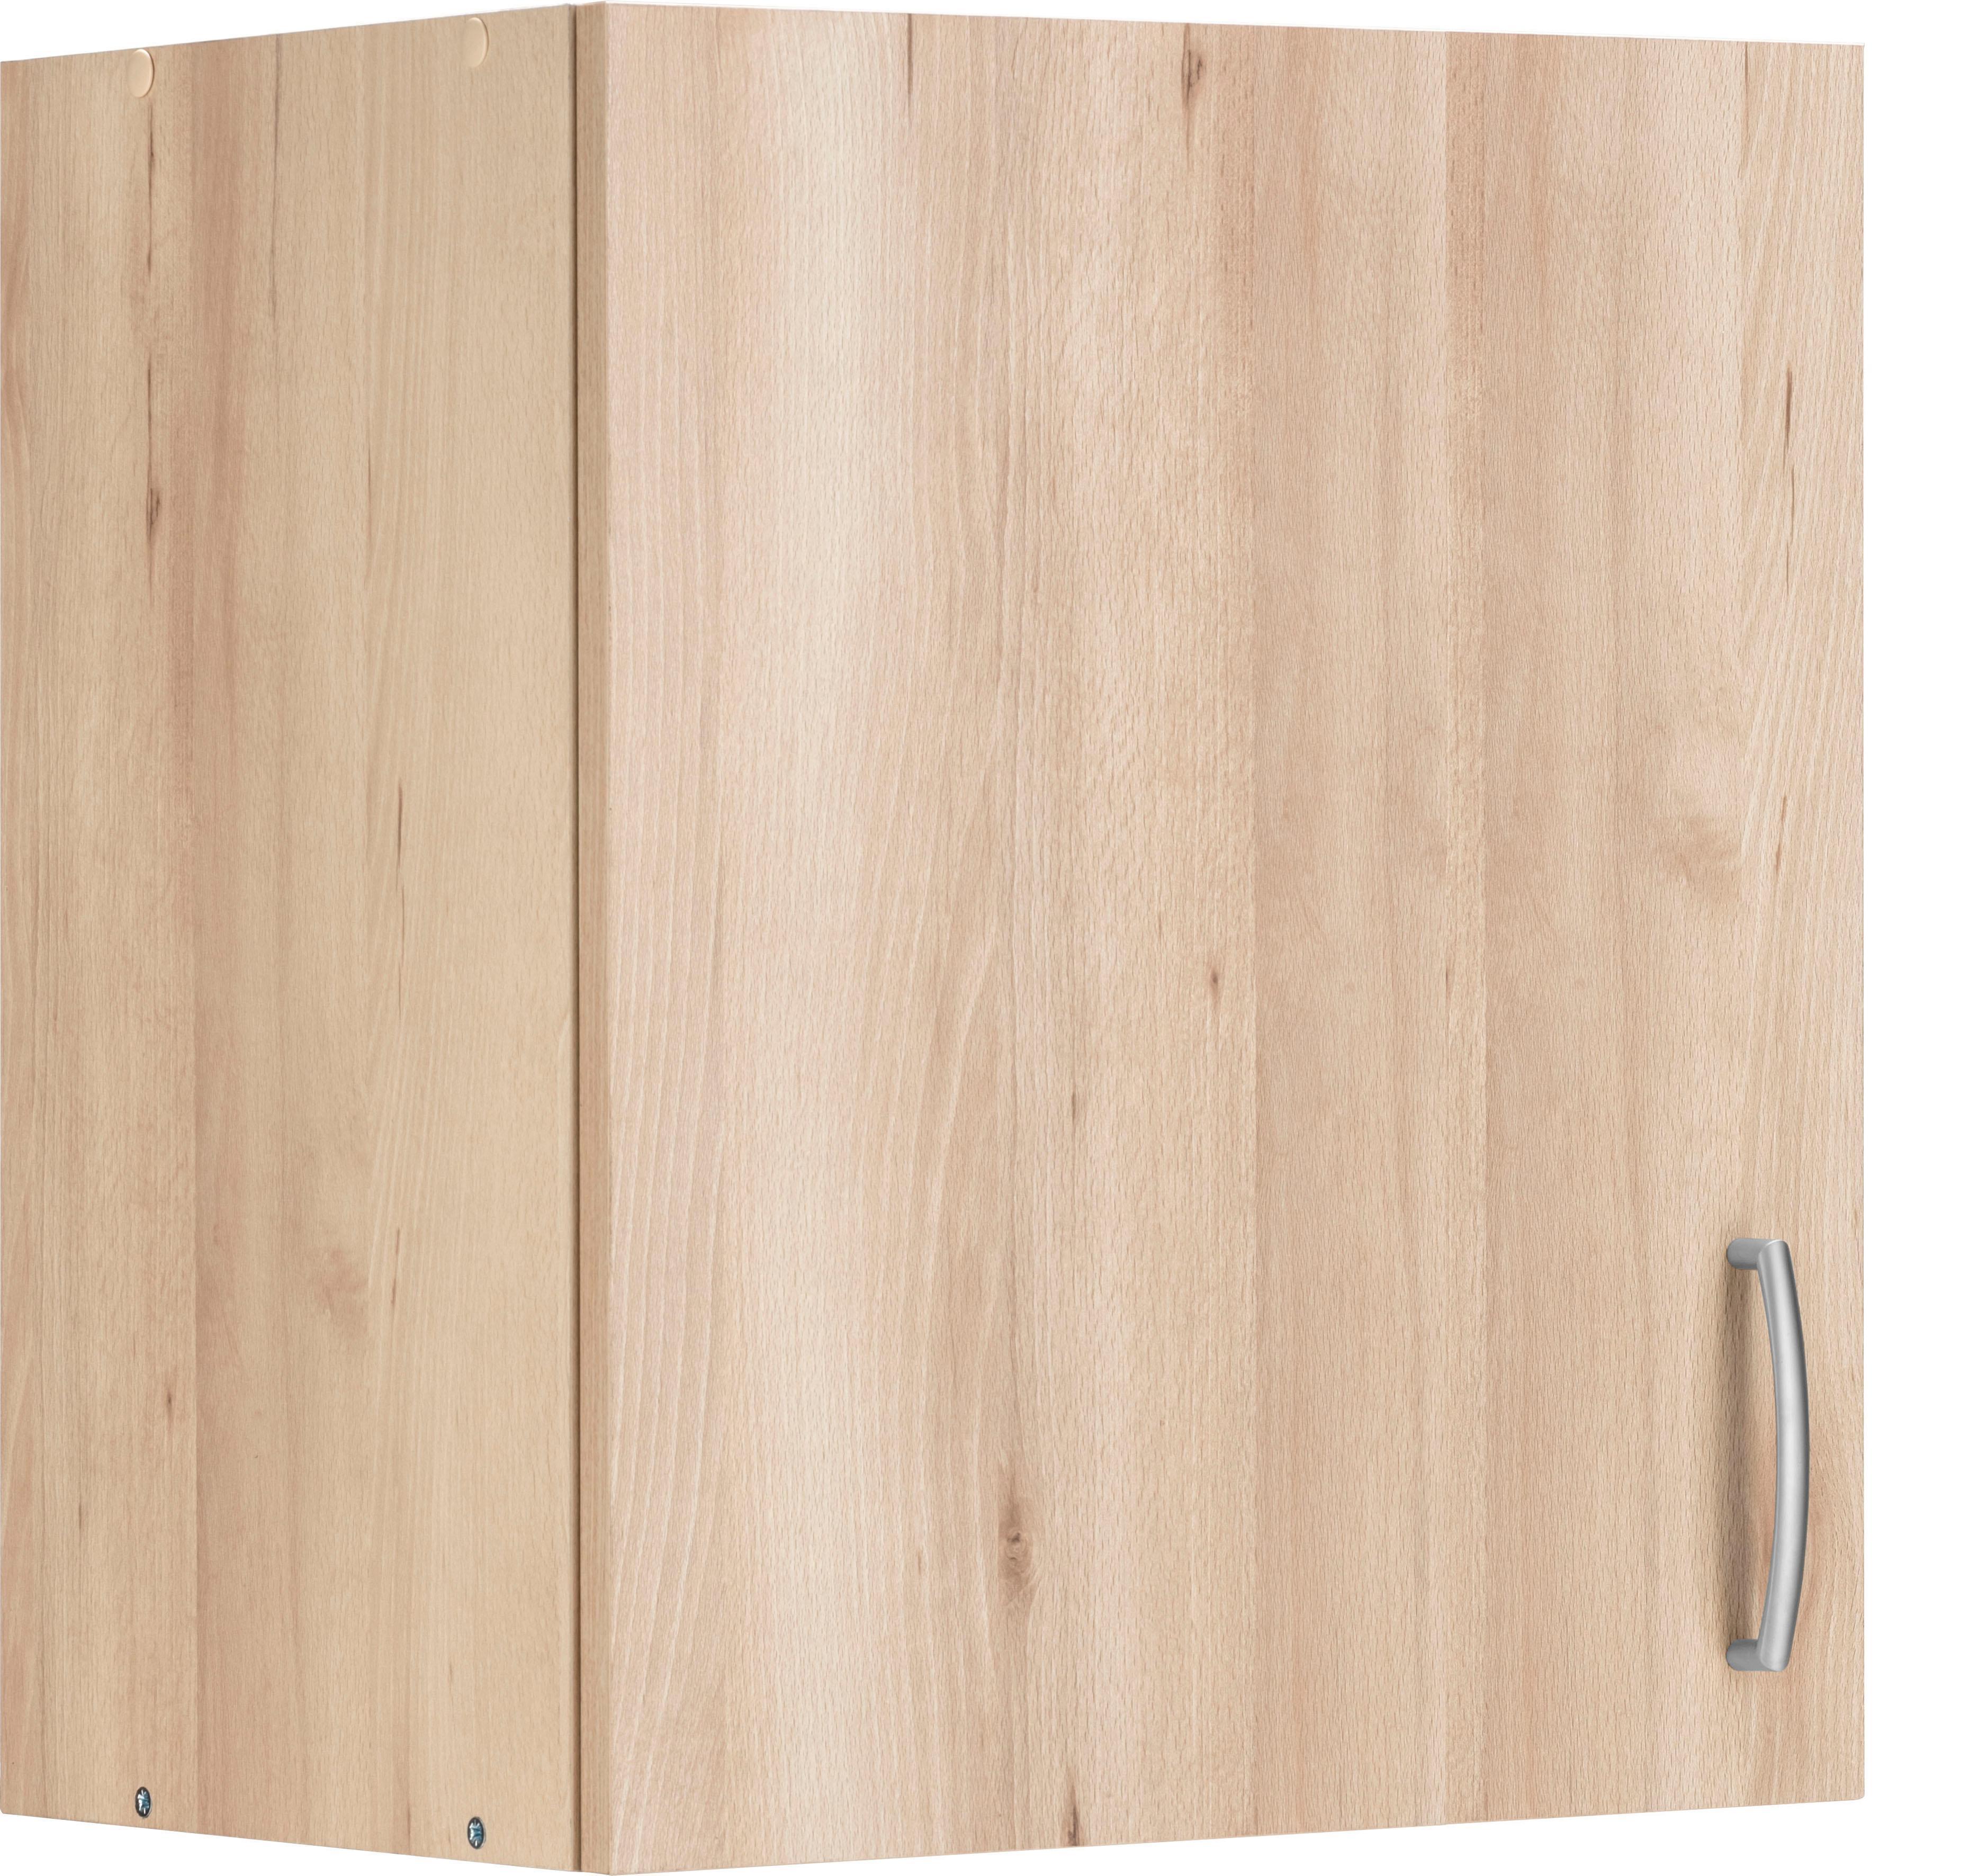 wiho Küchen Hängeschrank Brilon   Küche und Esszimmer > Küchenschränke > Küchen-Hängeschränke   Wiho Küchen